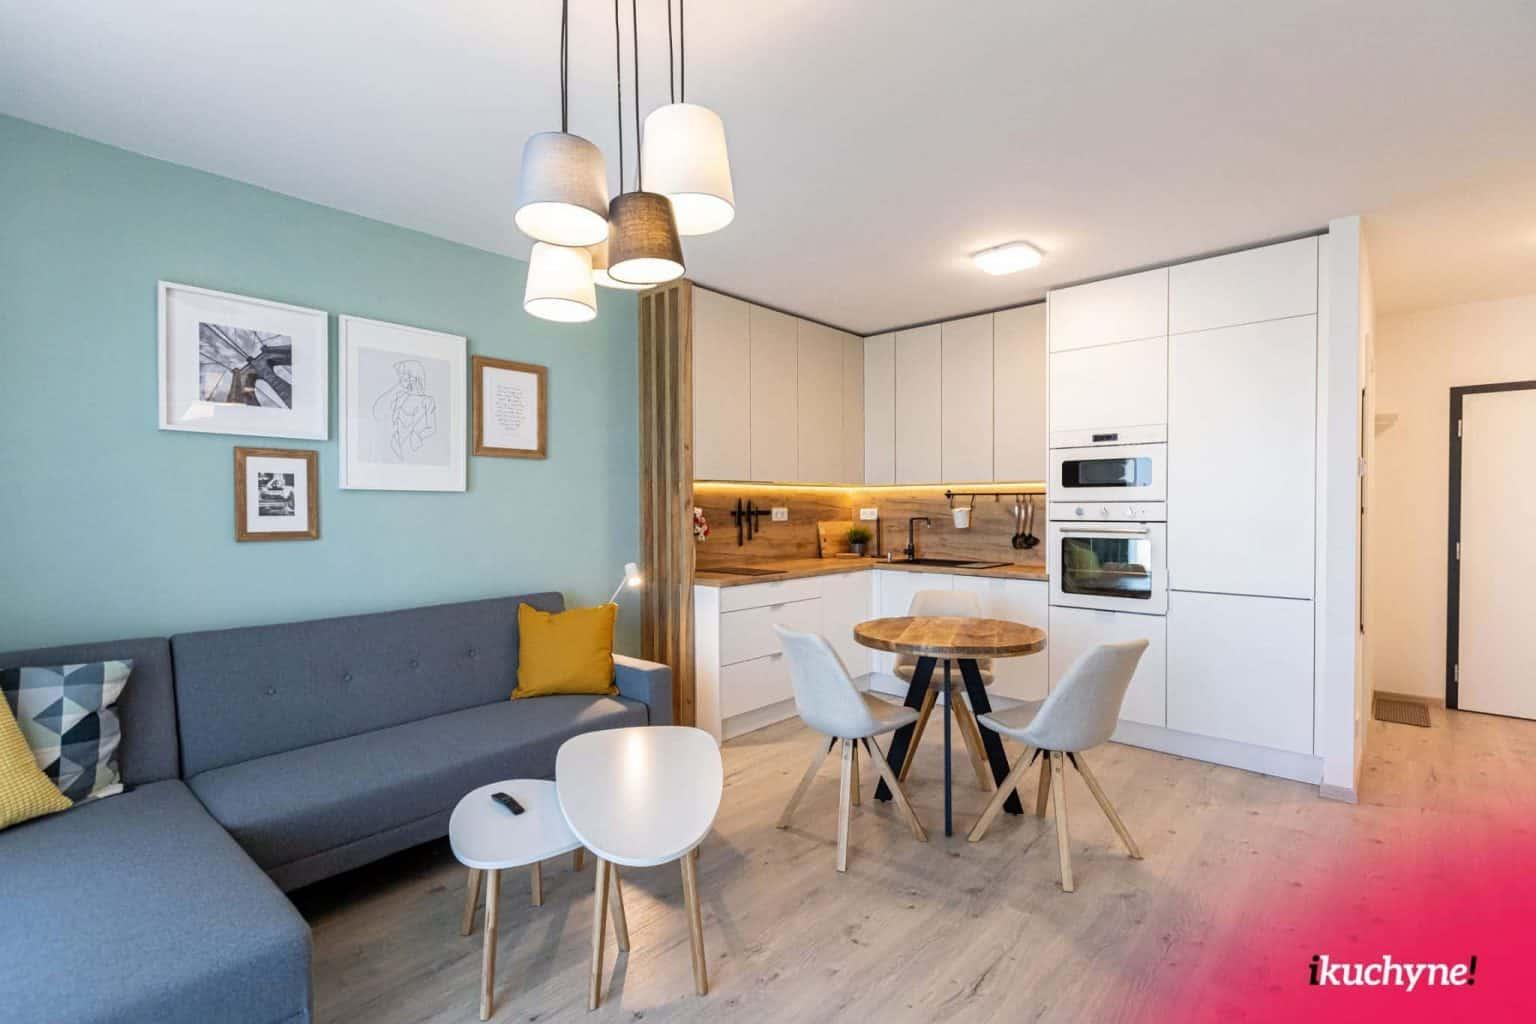 Ralizácia v Urban Residence, kde sme dizajnovali a tvorili celý interiér, vrátane kuchyne. Zdroj: iKuchyne.sk